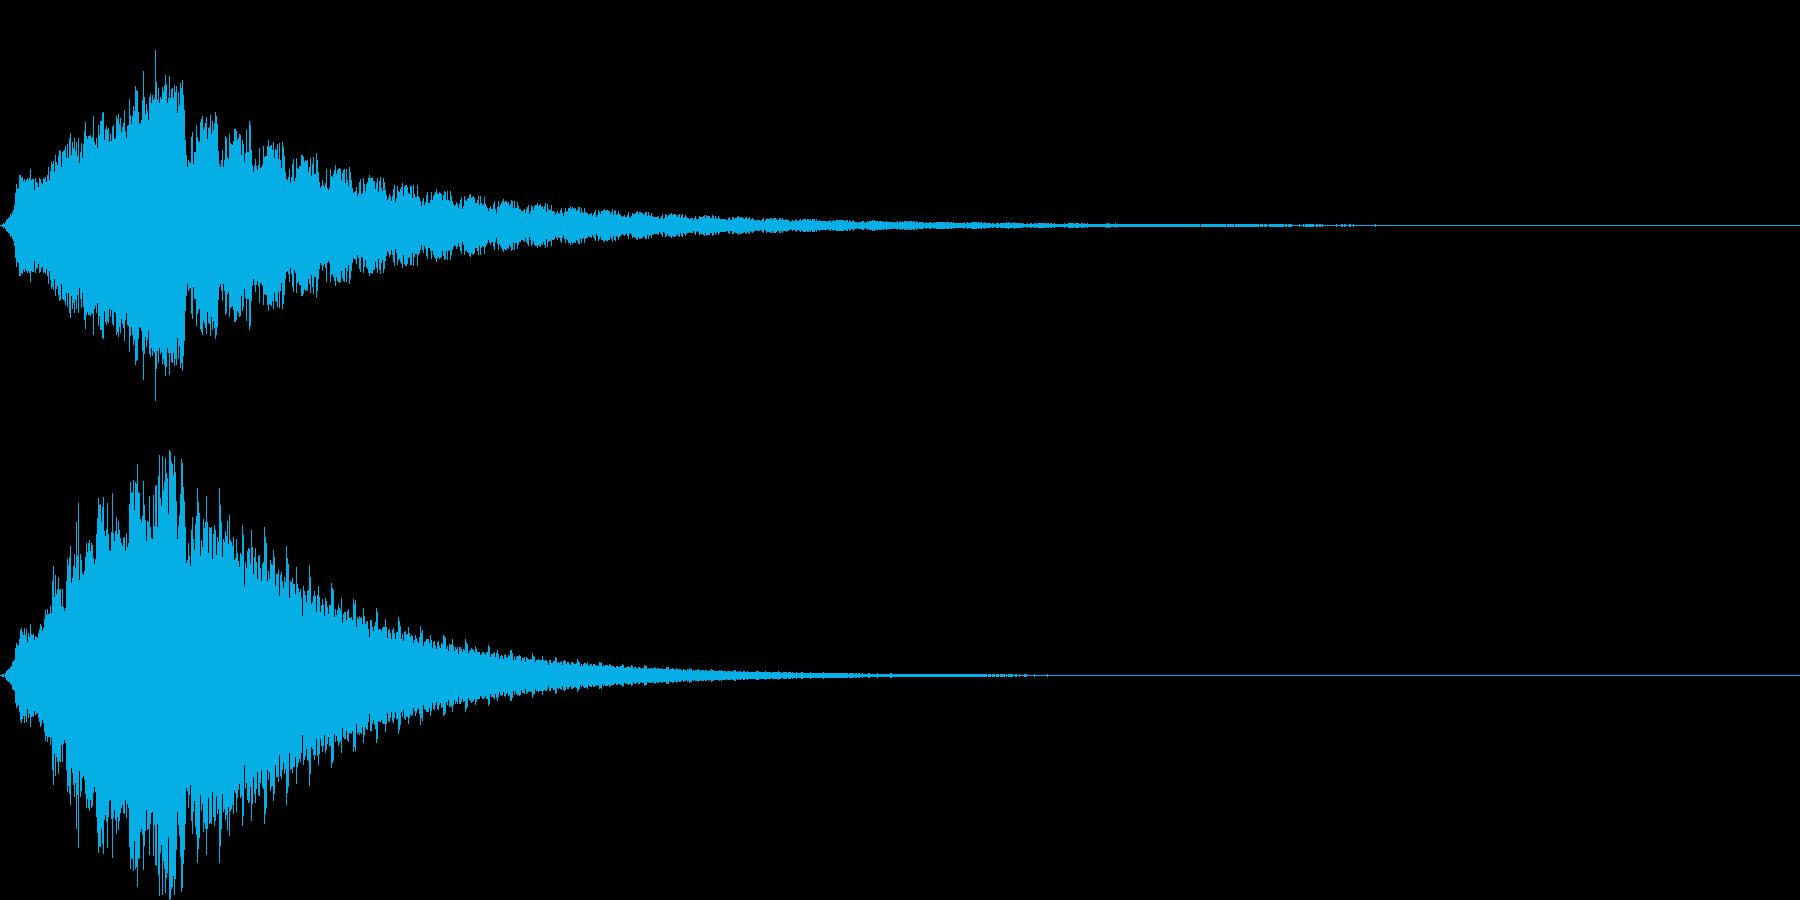 シューン (シリアス,ホラーな雰囲気)の再生済みの波形